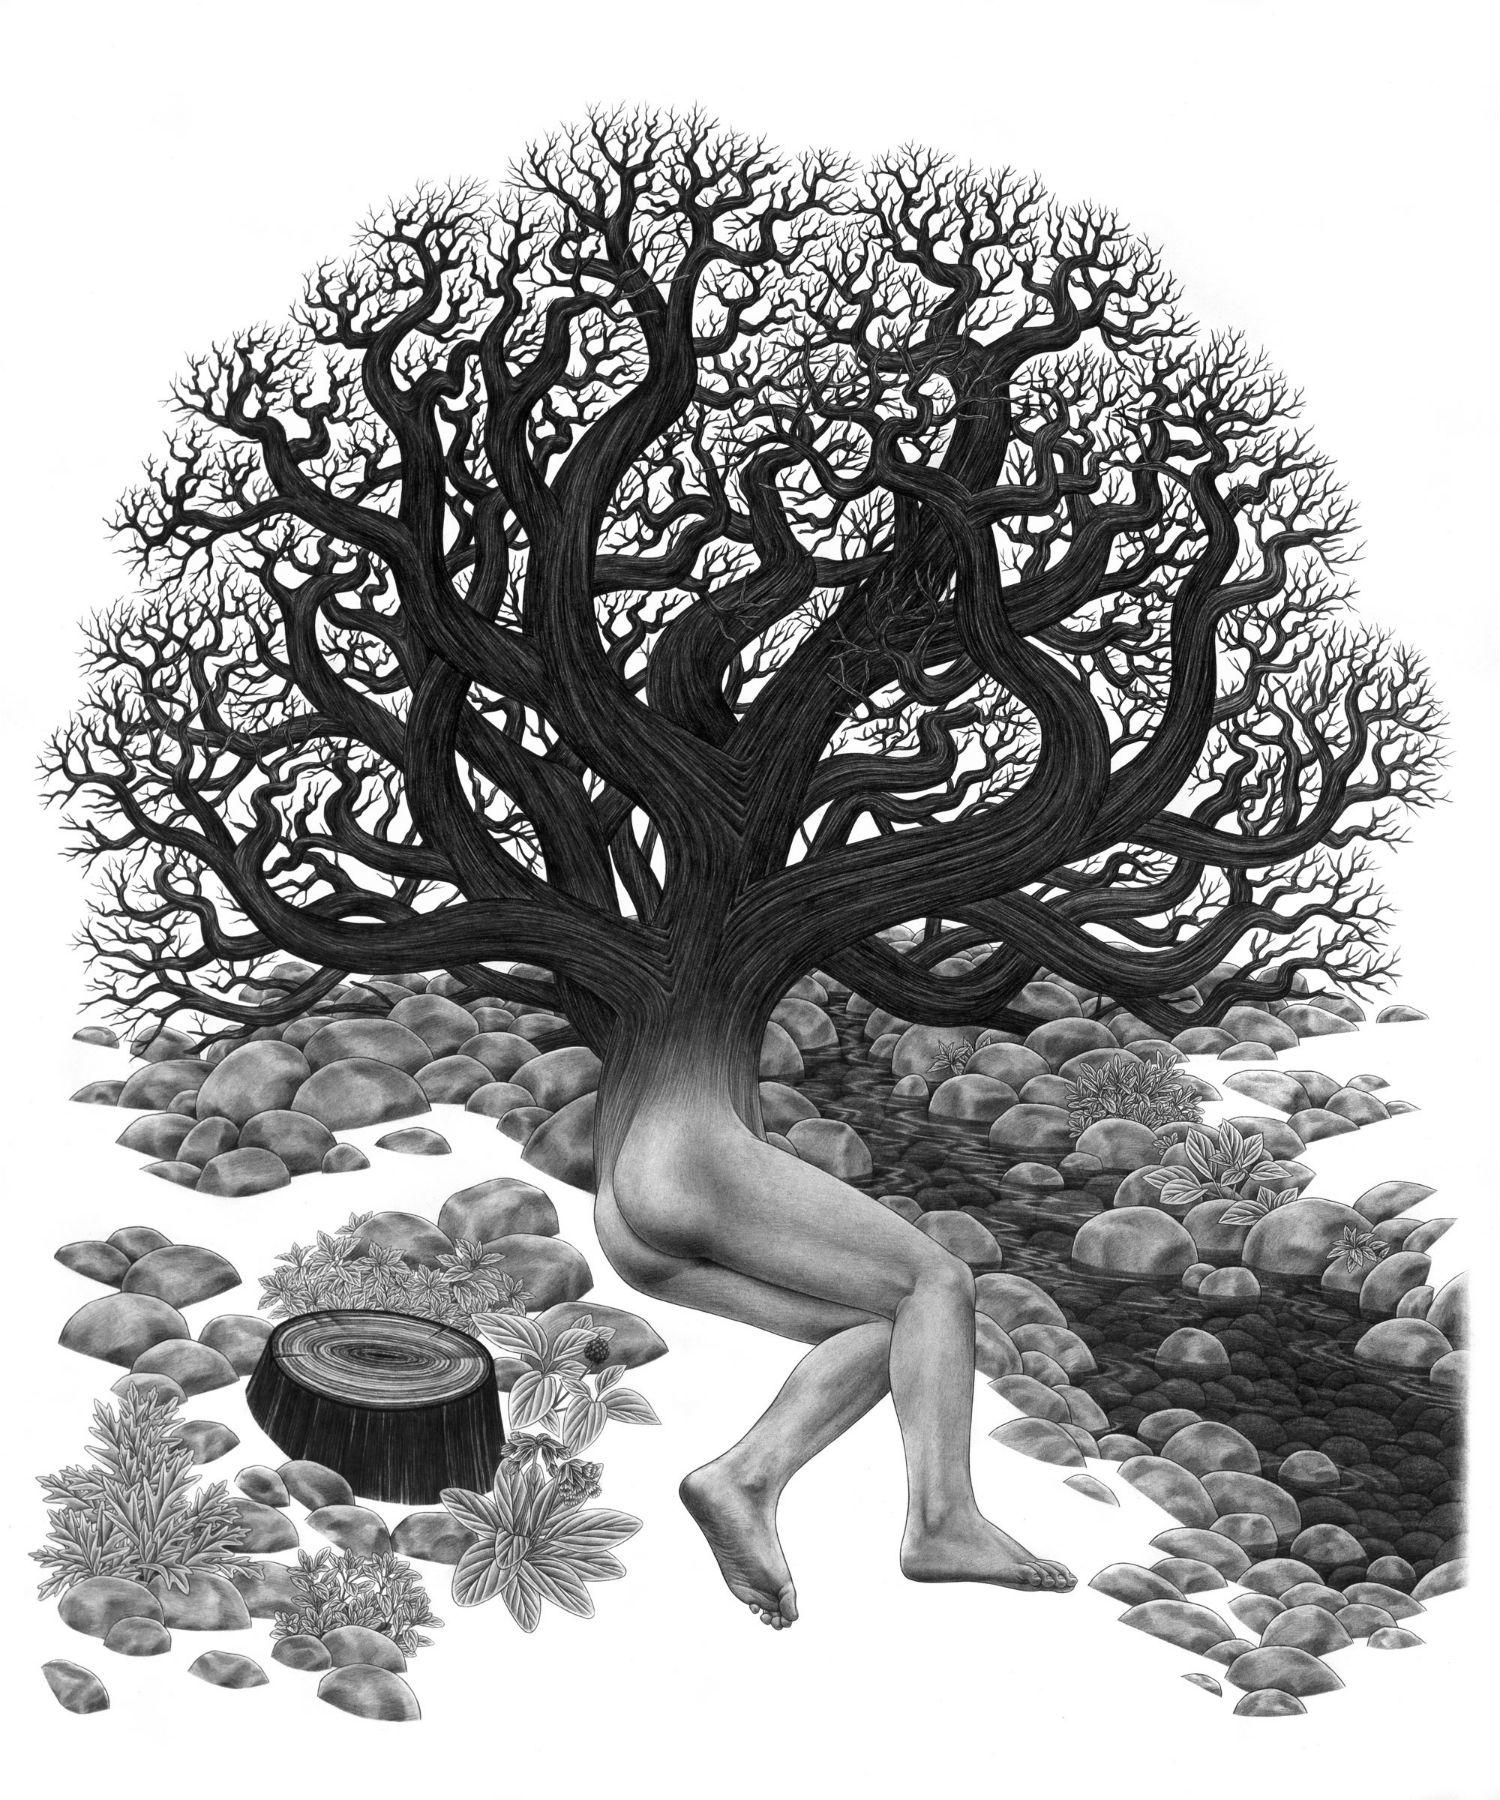 eric beltz drawing black white american mythology shade imagery tree man nude